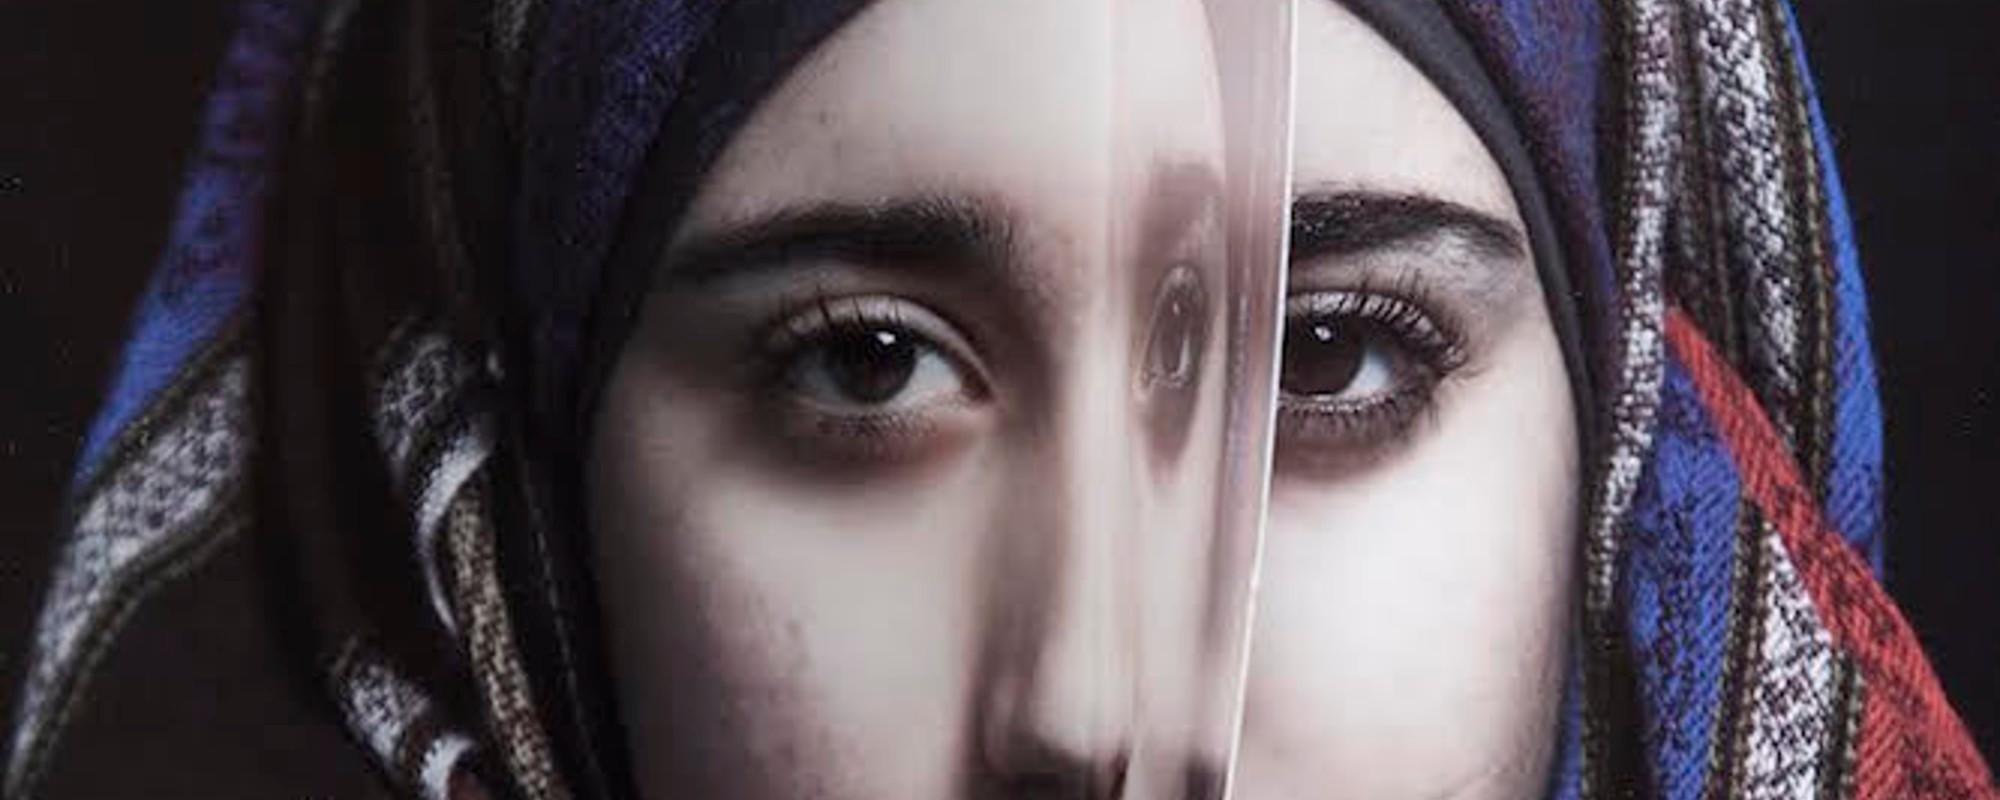 Driedimensionale portretten van Syriërs die in Nederland wonen